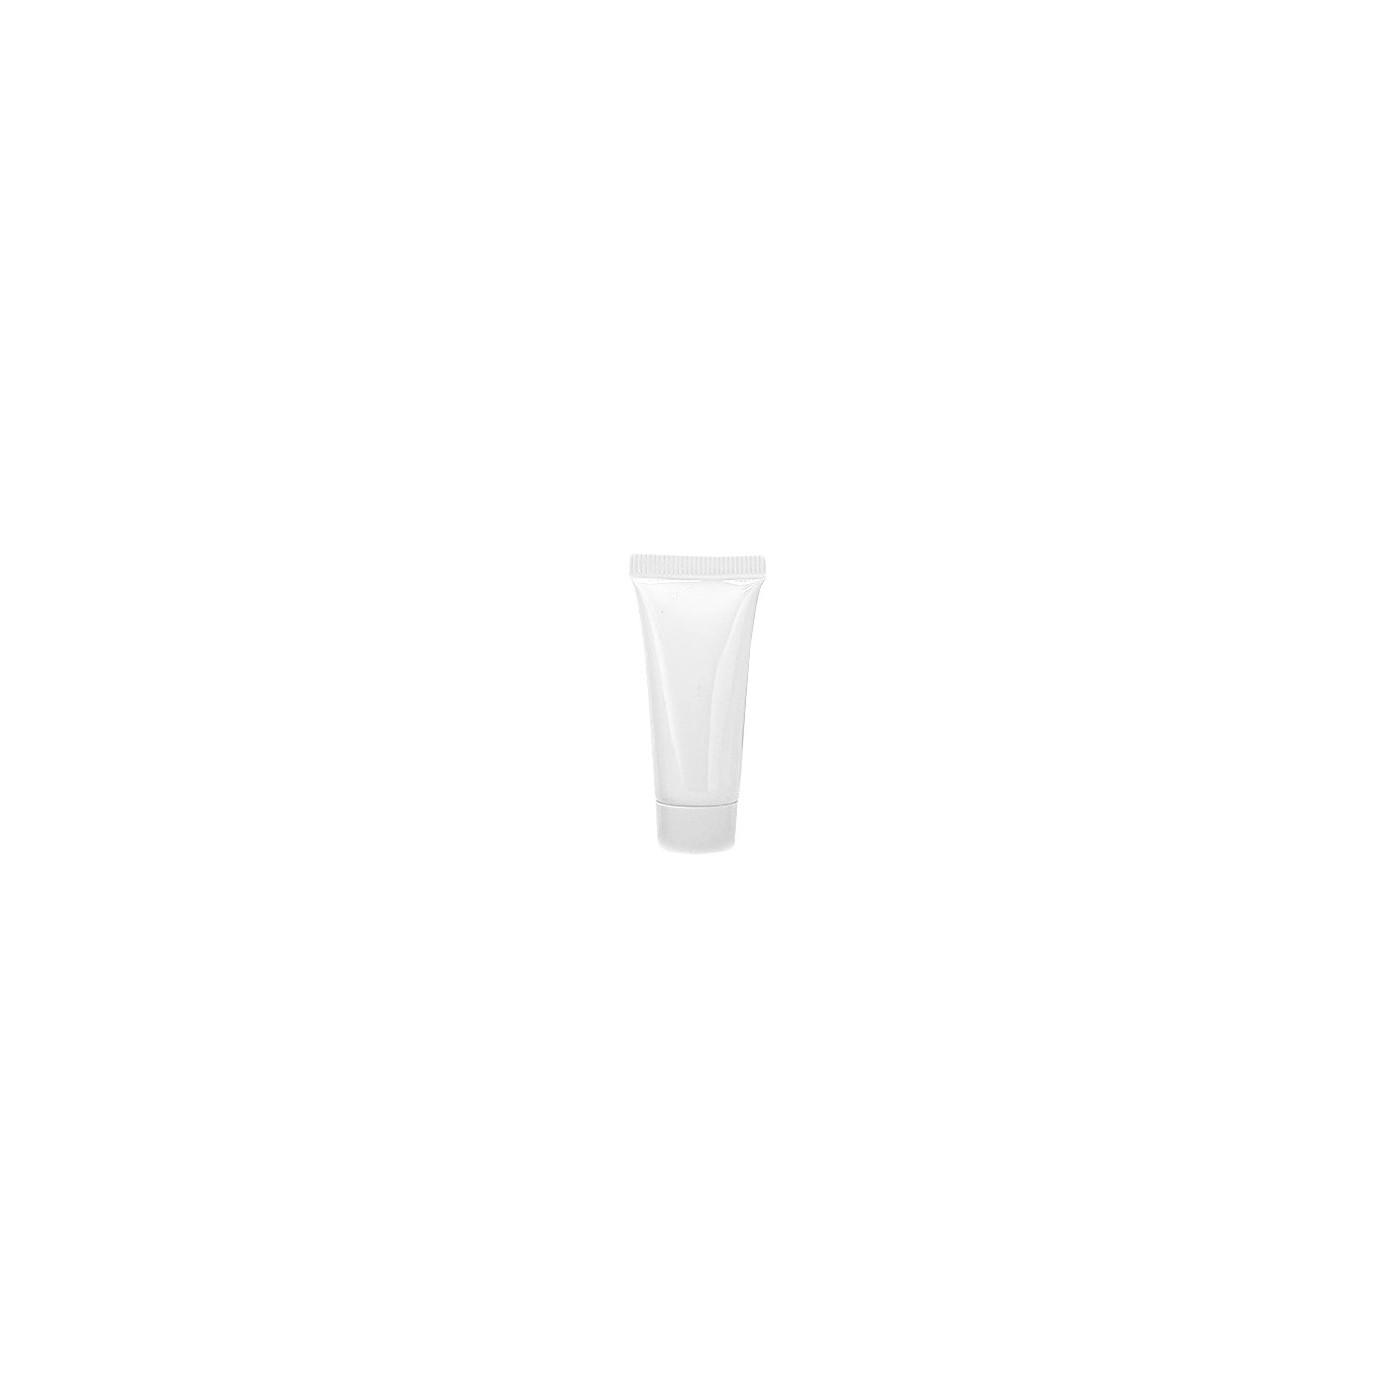 Set von 50 nachfüllbaren Flakons, weiß, 10 ml, mit Schraubverschlüssen  - 1